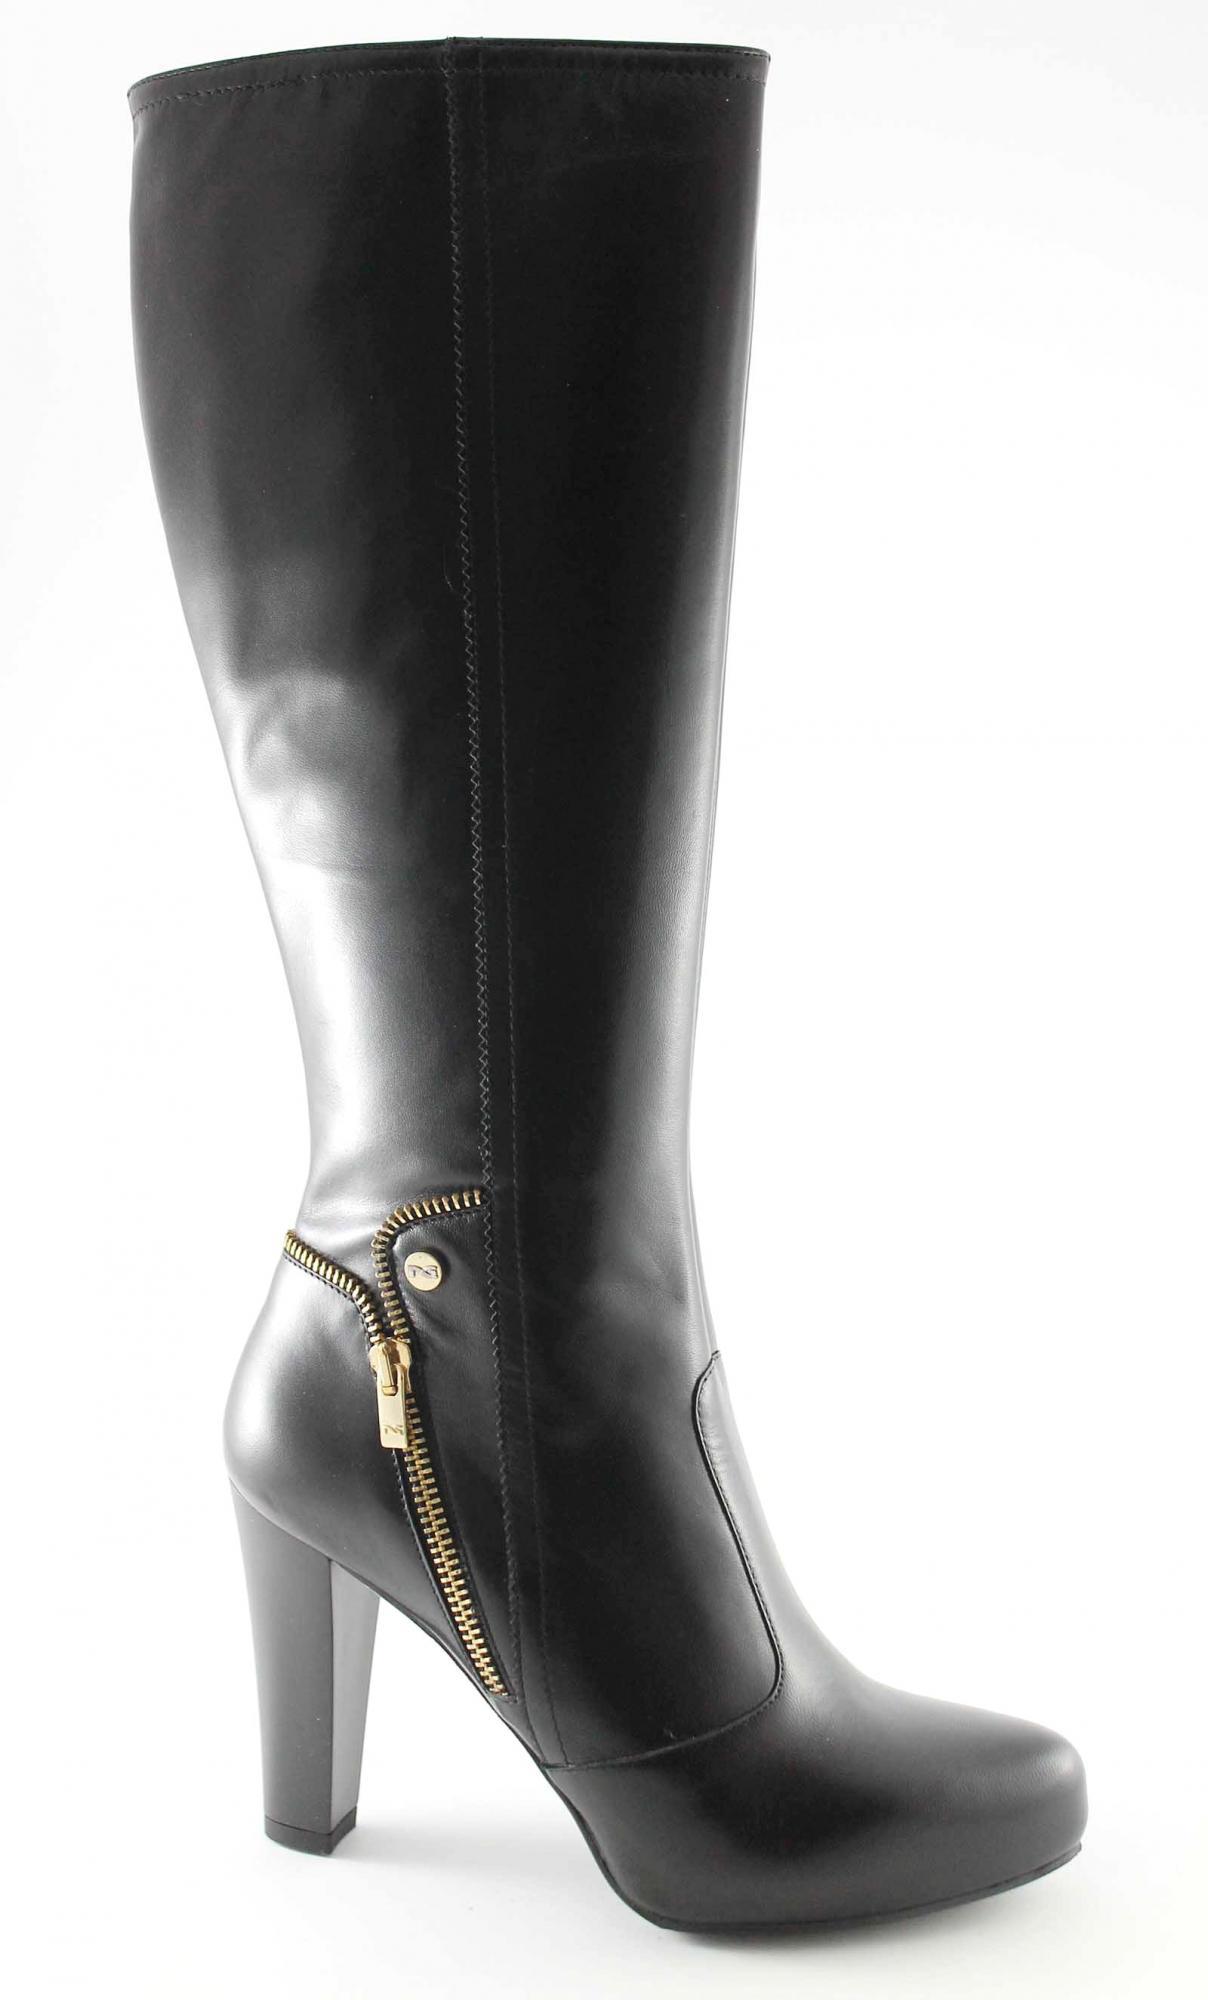 NERO GIARDINI 16305 nero stivali donna tacco plateaux cerniera